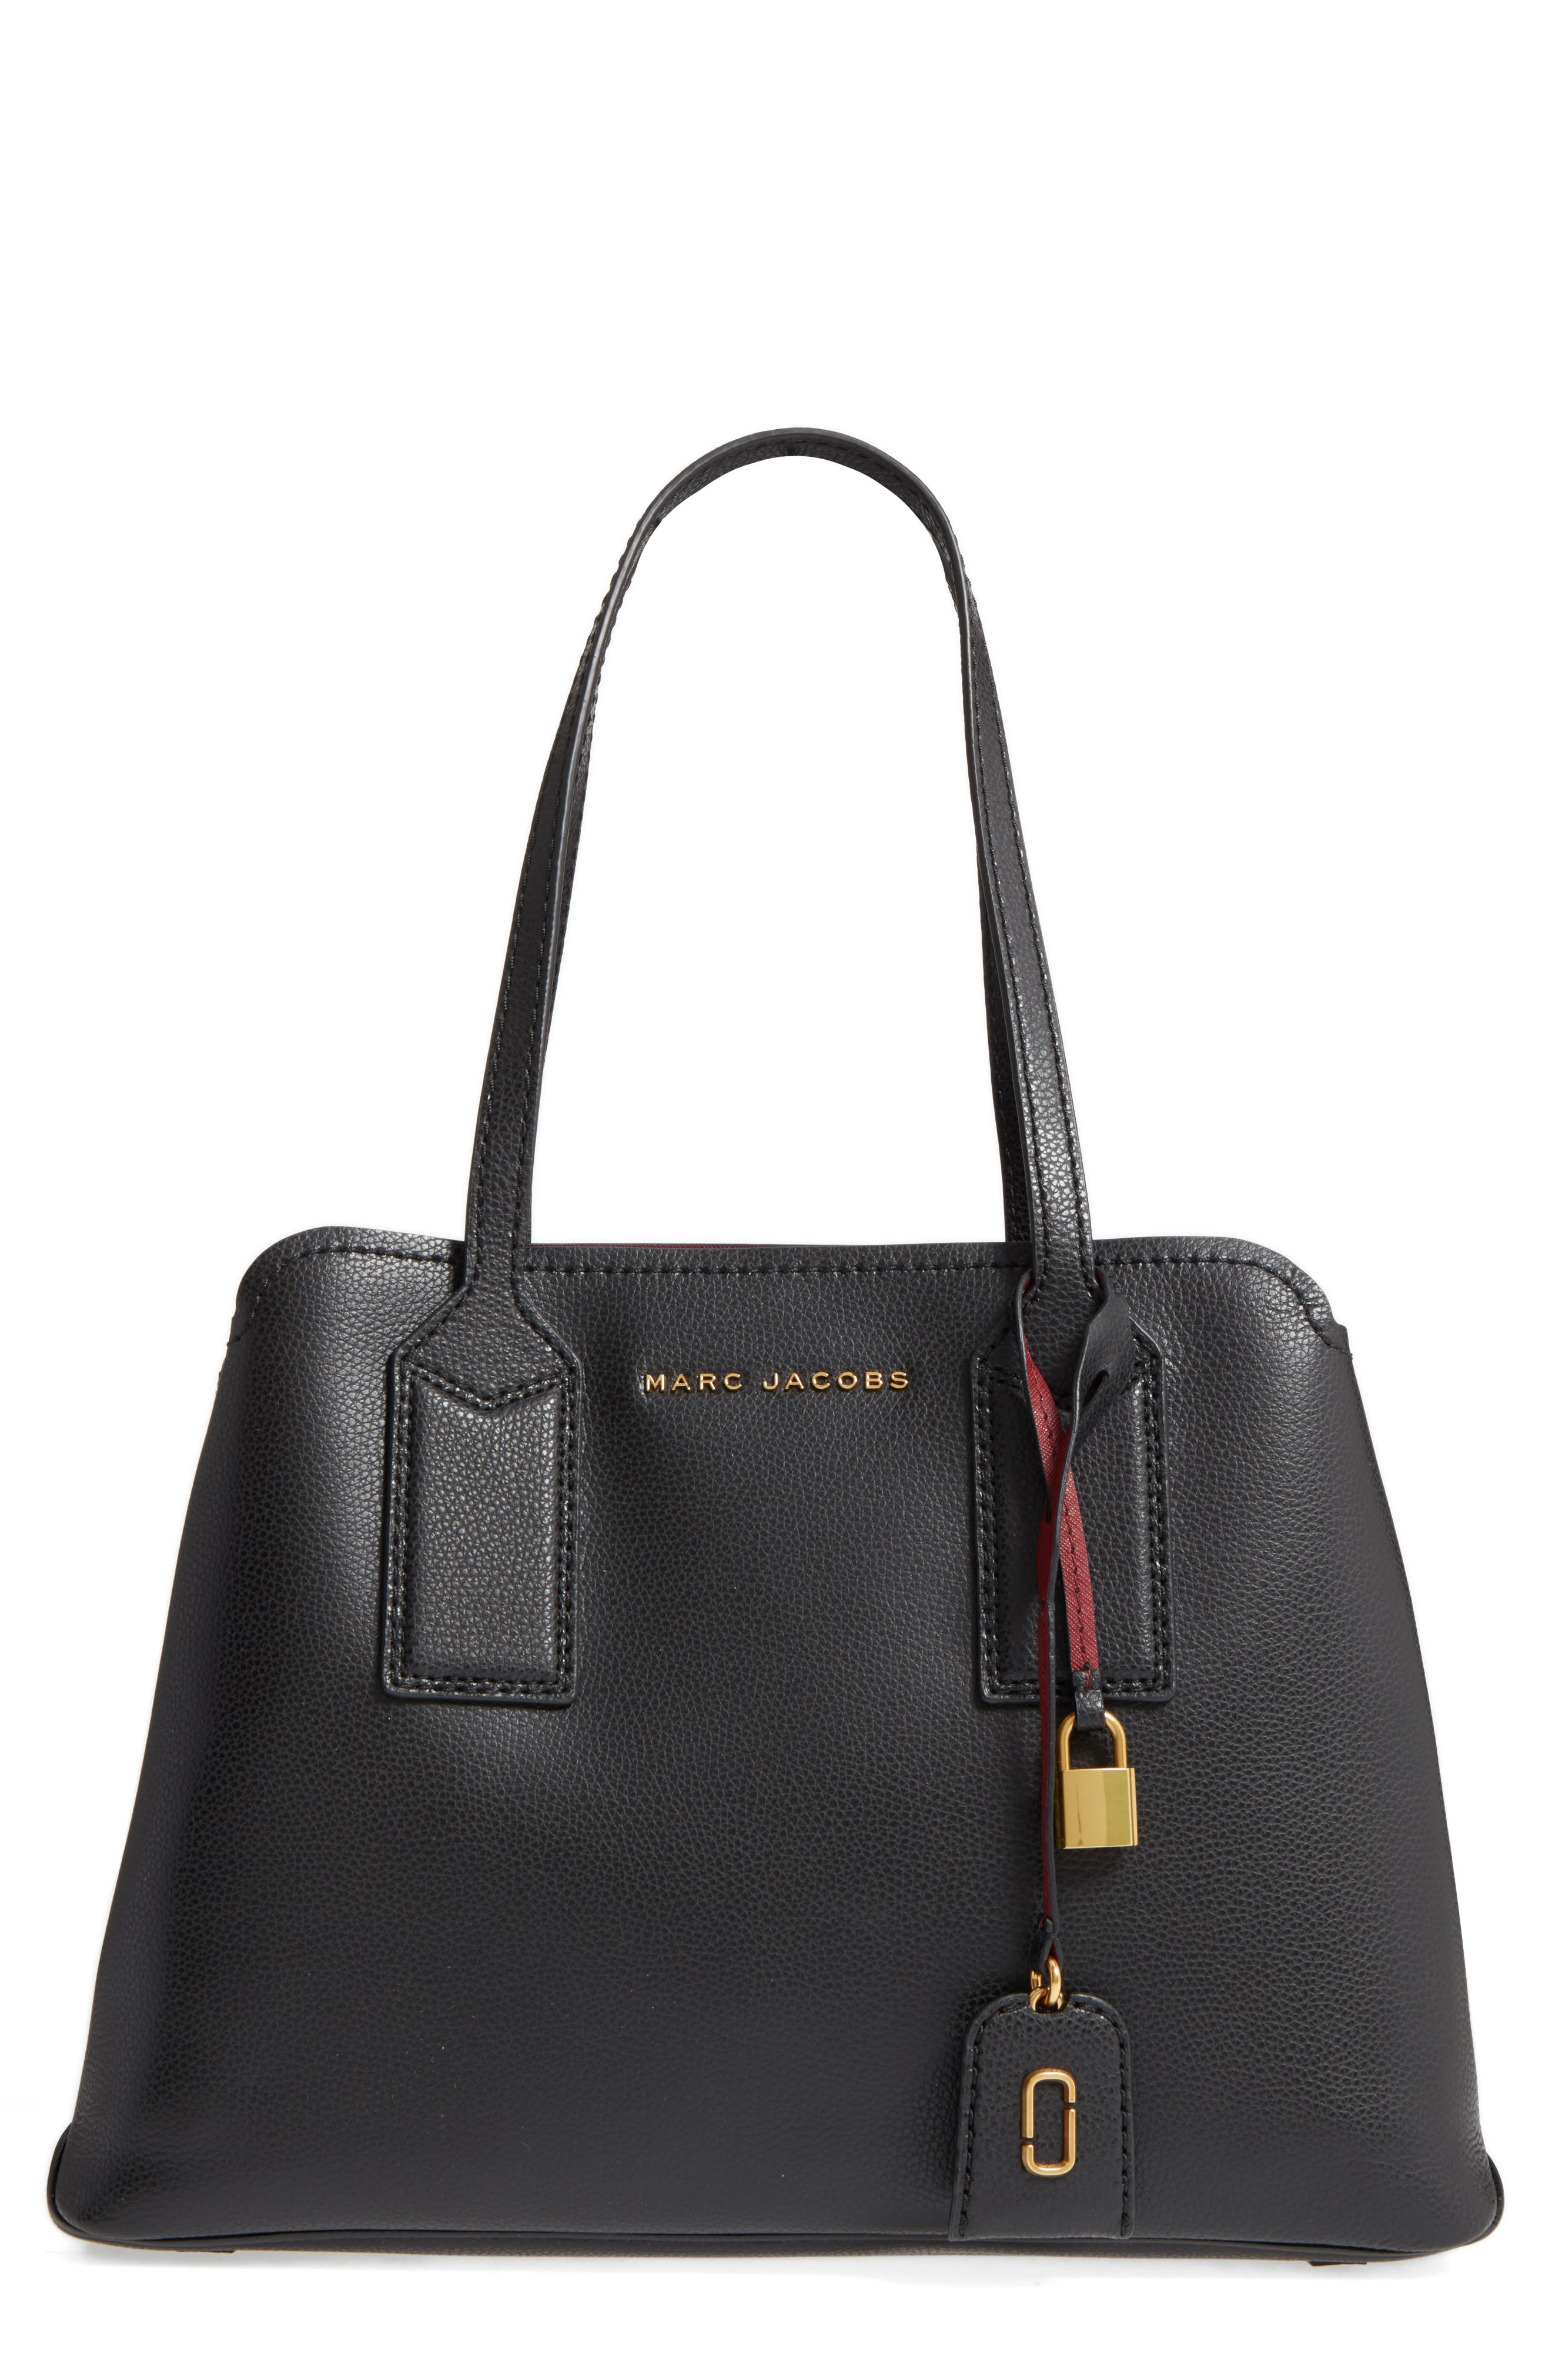 64f64db356 marc jacobs handbags | Nordstrom